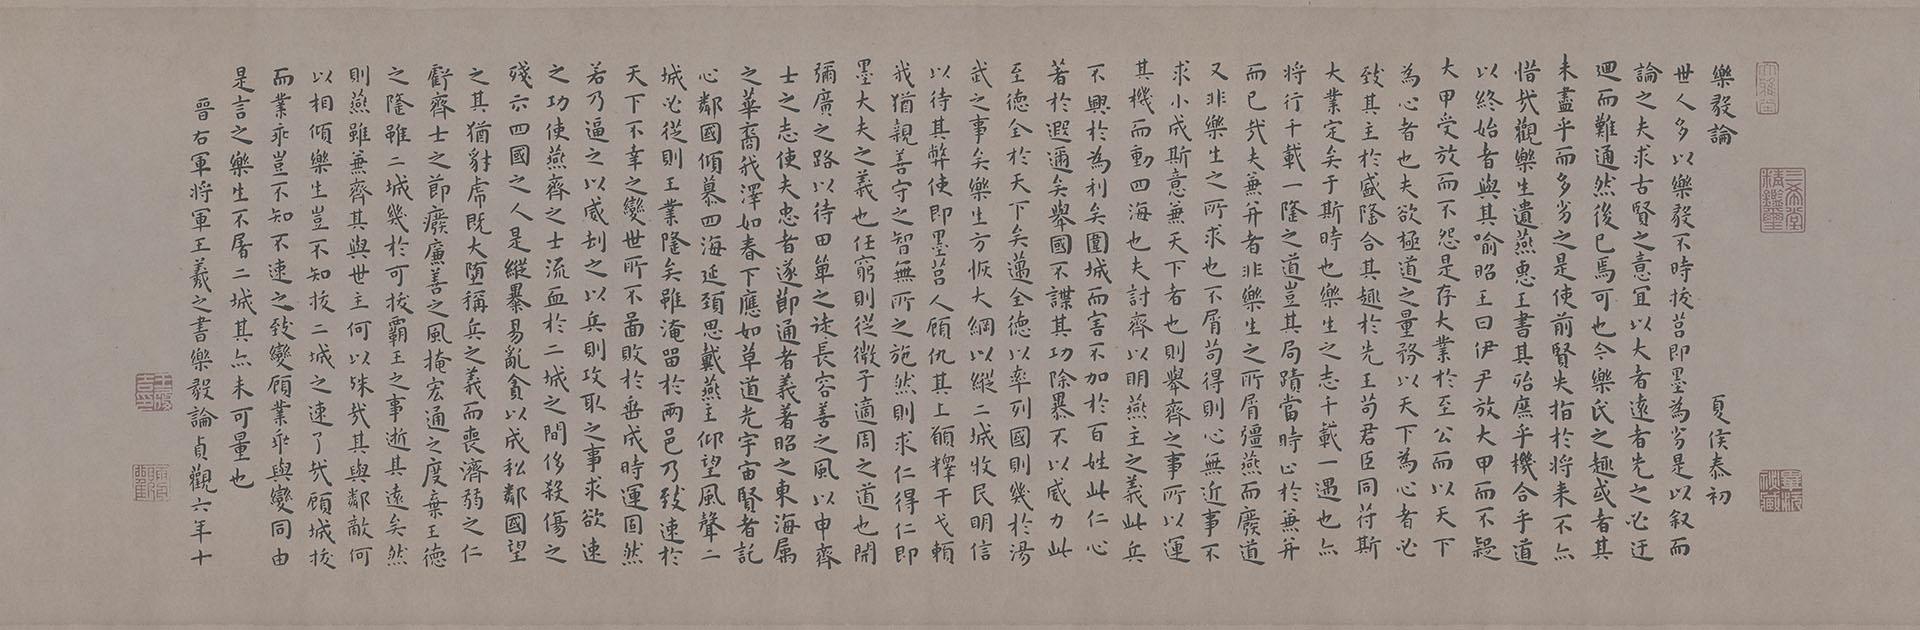 明 王宠 杂诗草书25x125